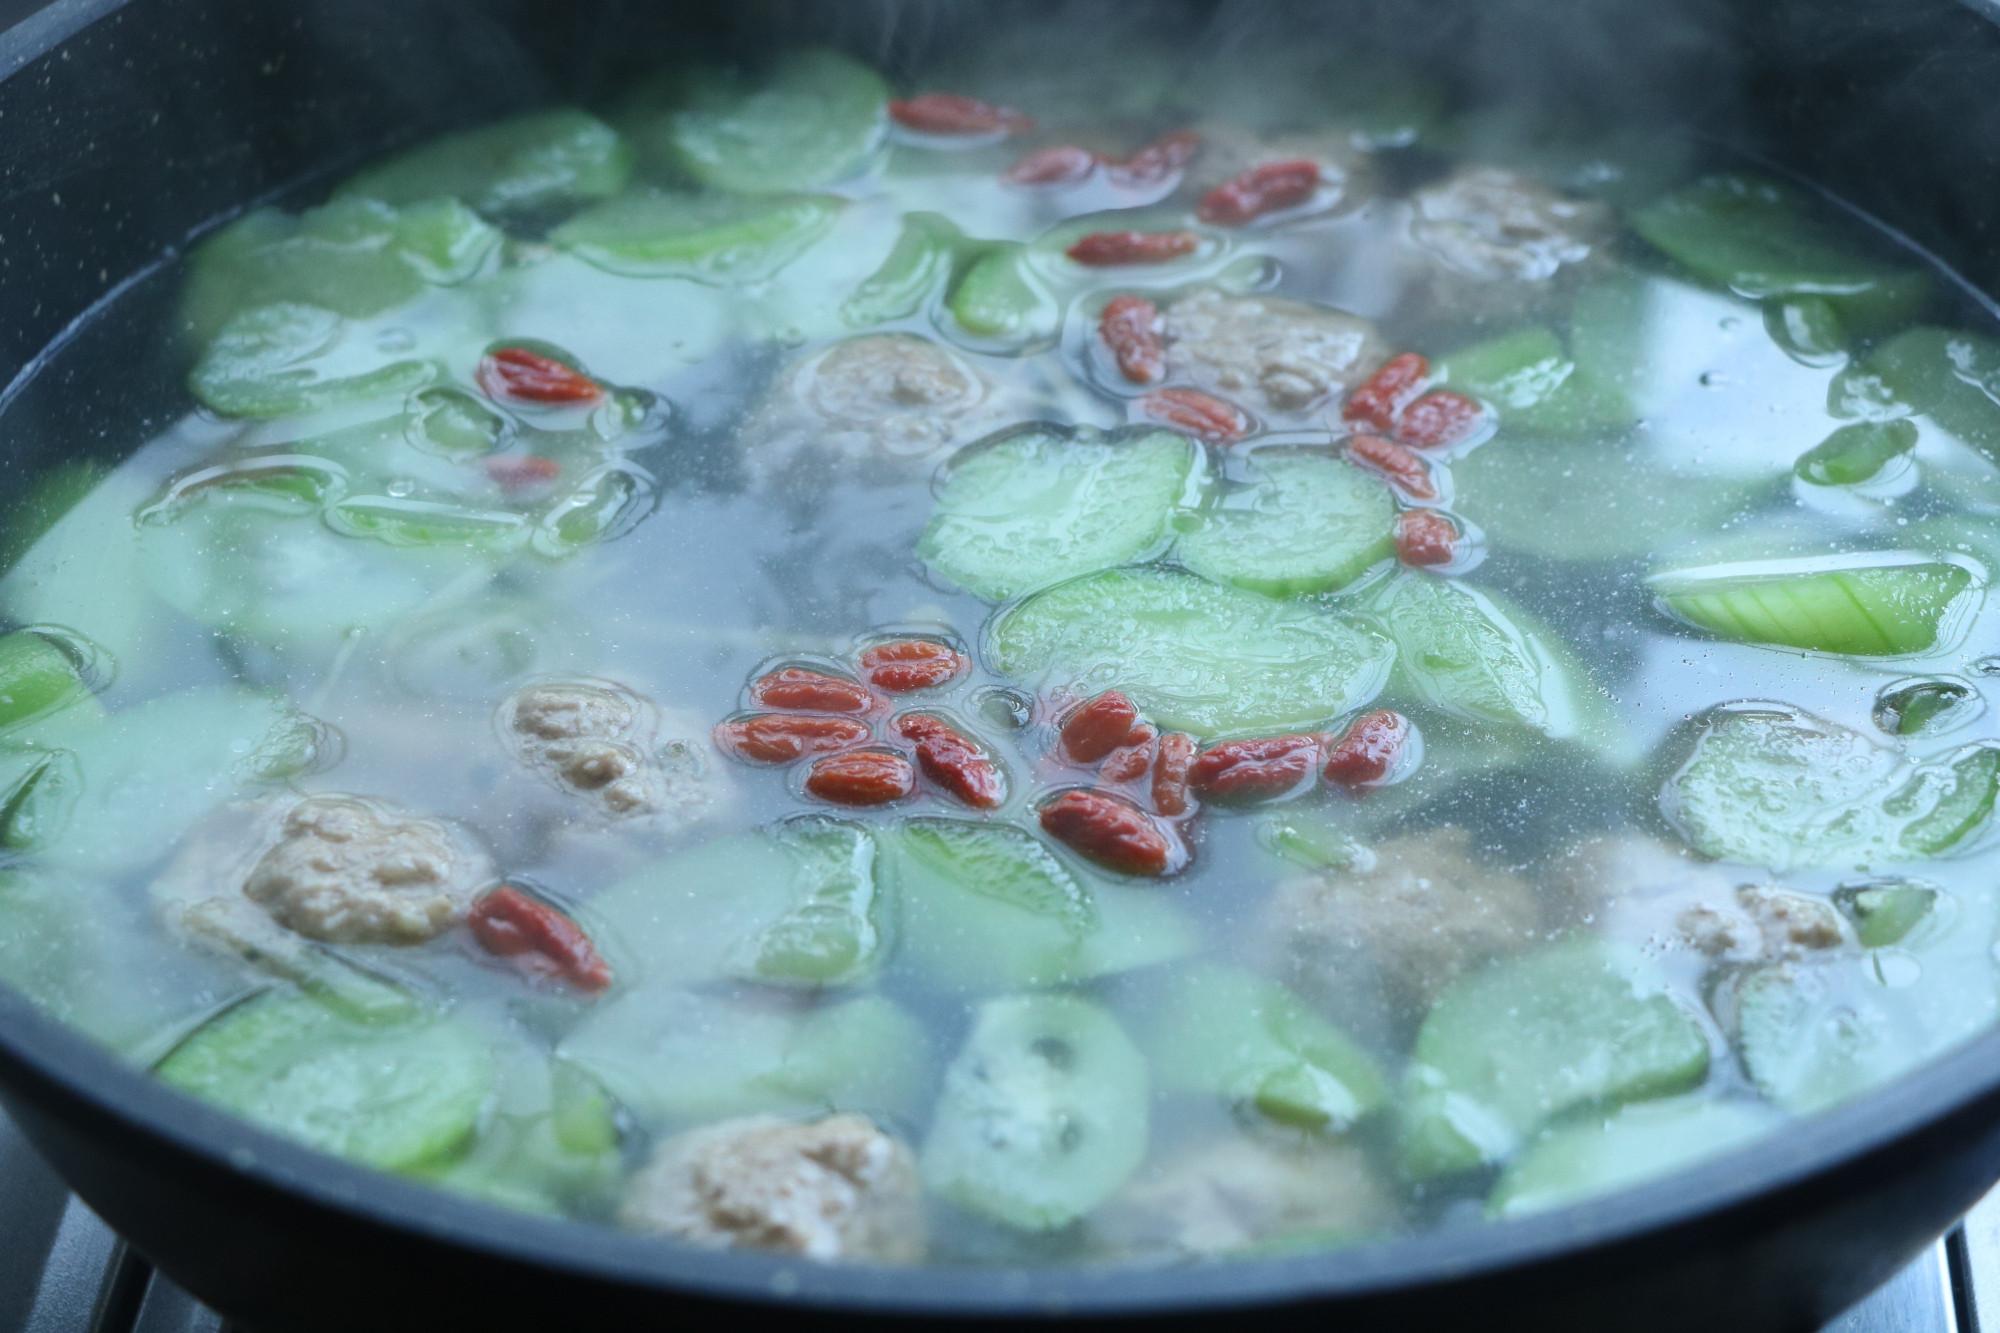 天氣乾燥,多喝這樣的湯水,既潤燥又能補充營養,孩子老人要多喝